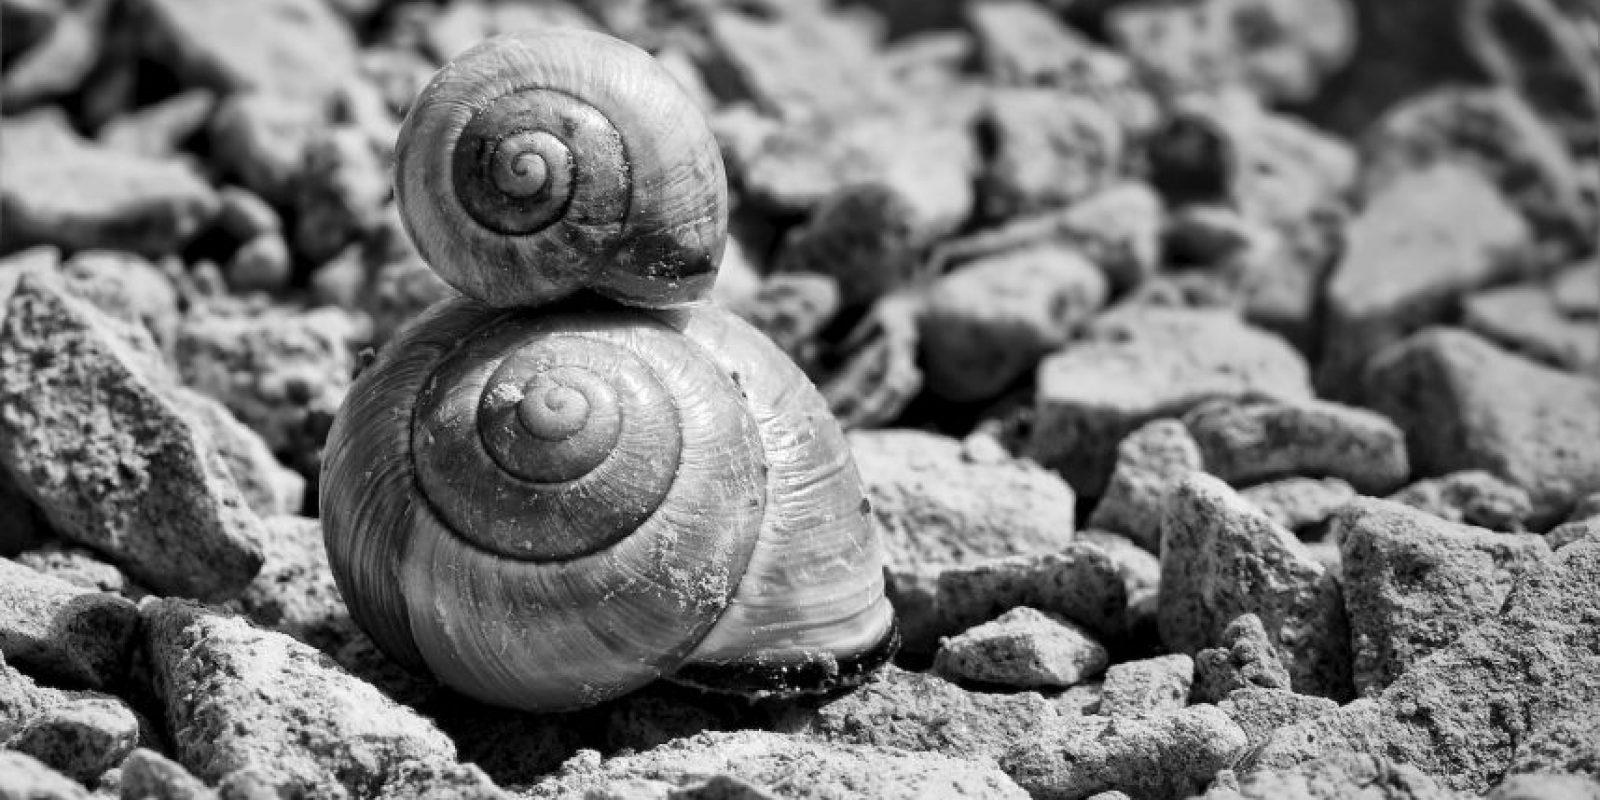 La velocidad de los caracoles ronda los 1.3-2 centímetros por segundo. Si se movieran sin parar, tardarían más de una semana en completar un kilómetro. Foto:Pixabay